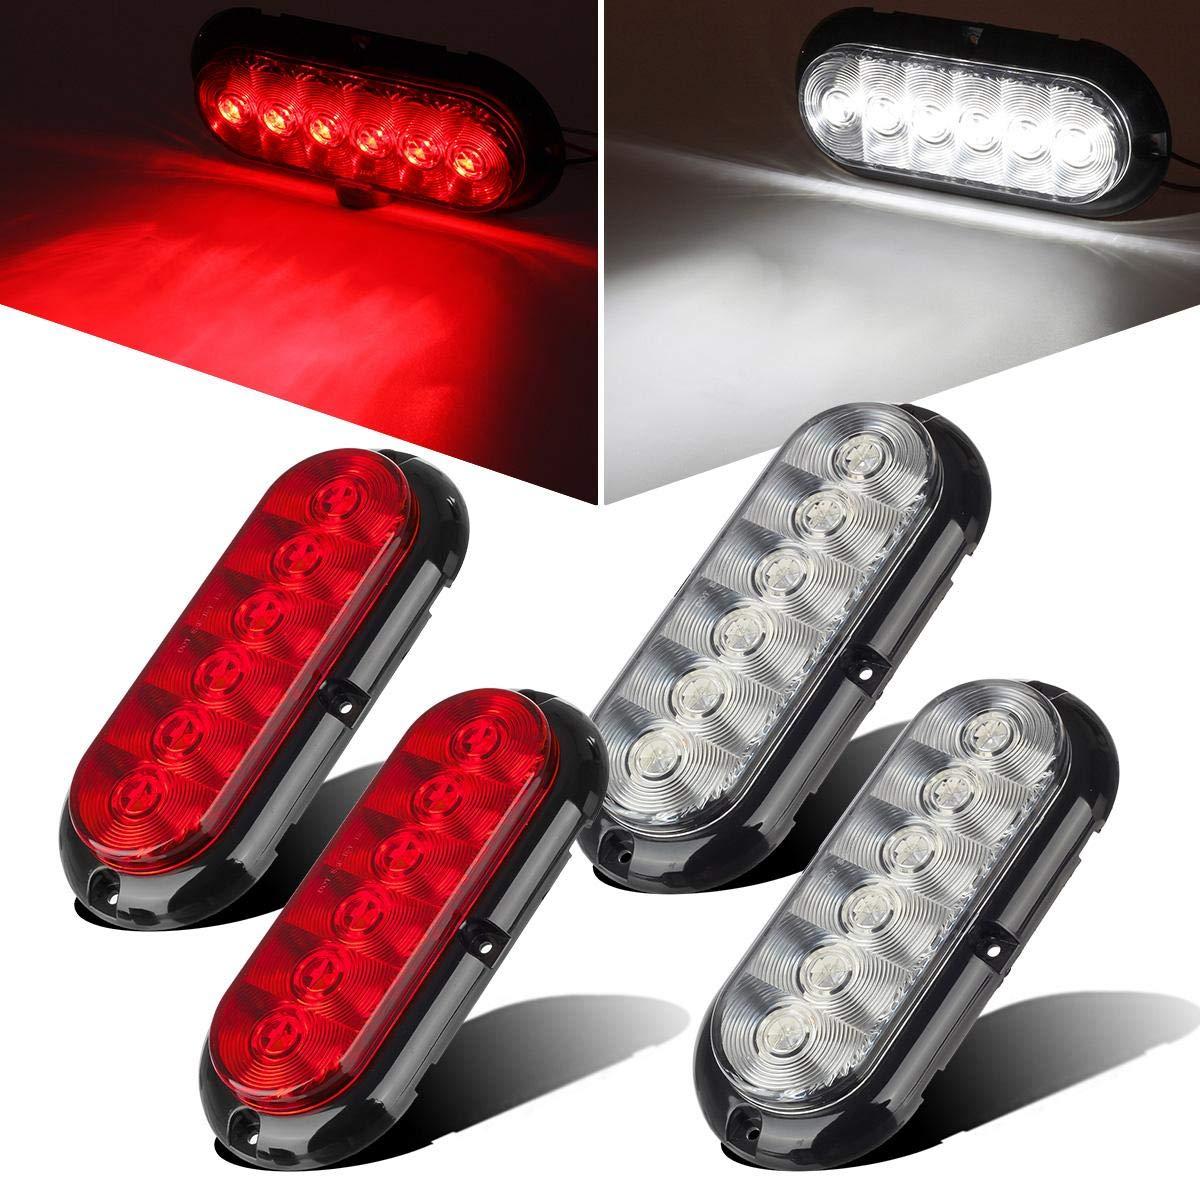 Partsam 2 RED + 2 WHITE 6'' Oval LED Trailer Tail Light Kit Flange Mount - 6'' Oval Led STOP TURN BRAKE REVERSE BACK UP Tail Light 6 LED for Truck Trailer RV Pickups